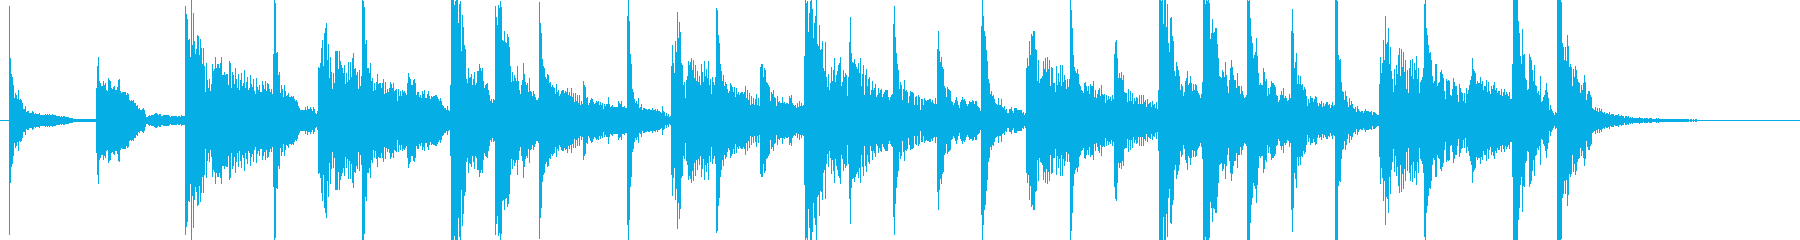 ラテンなジングル ♩=130の再生済みの波形